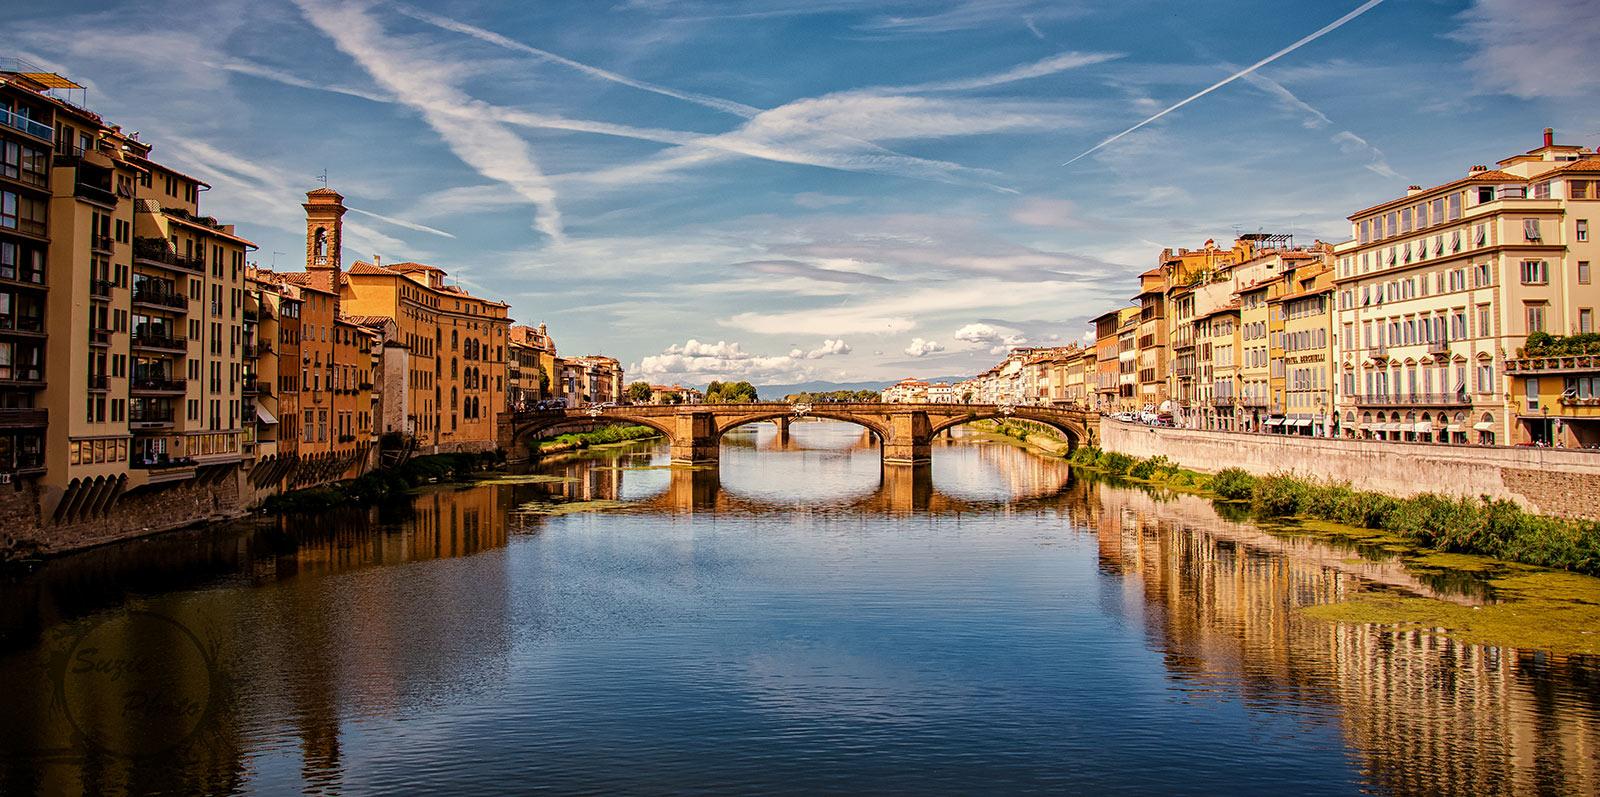 Firenze, az élő műalkotás